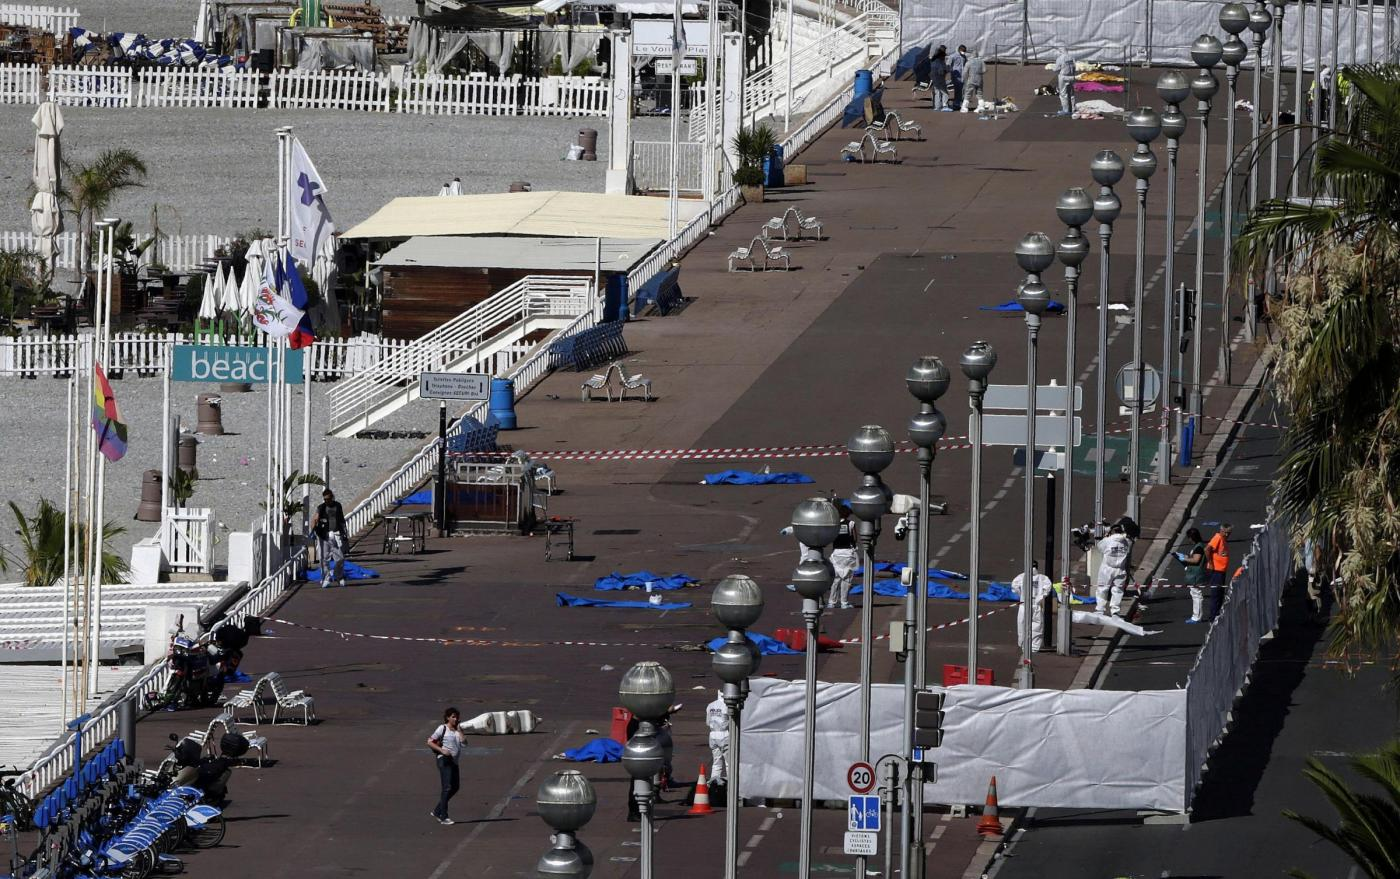 Attentato terroristico a Nizza, il luogo della strage